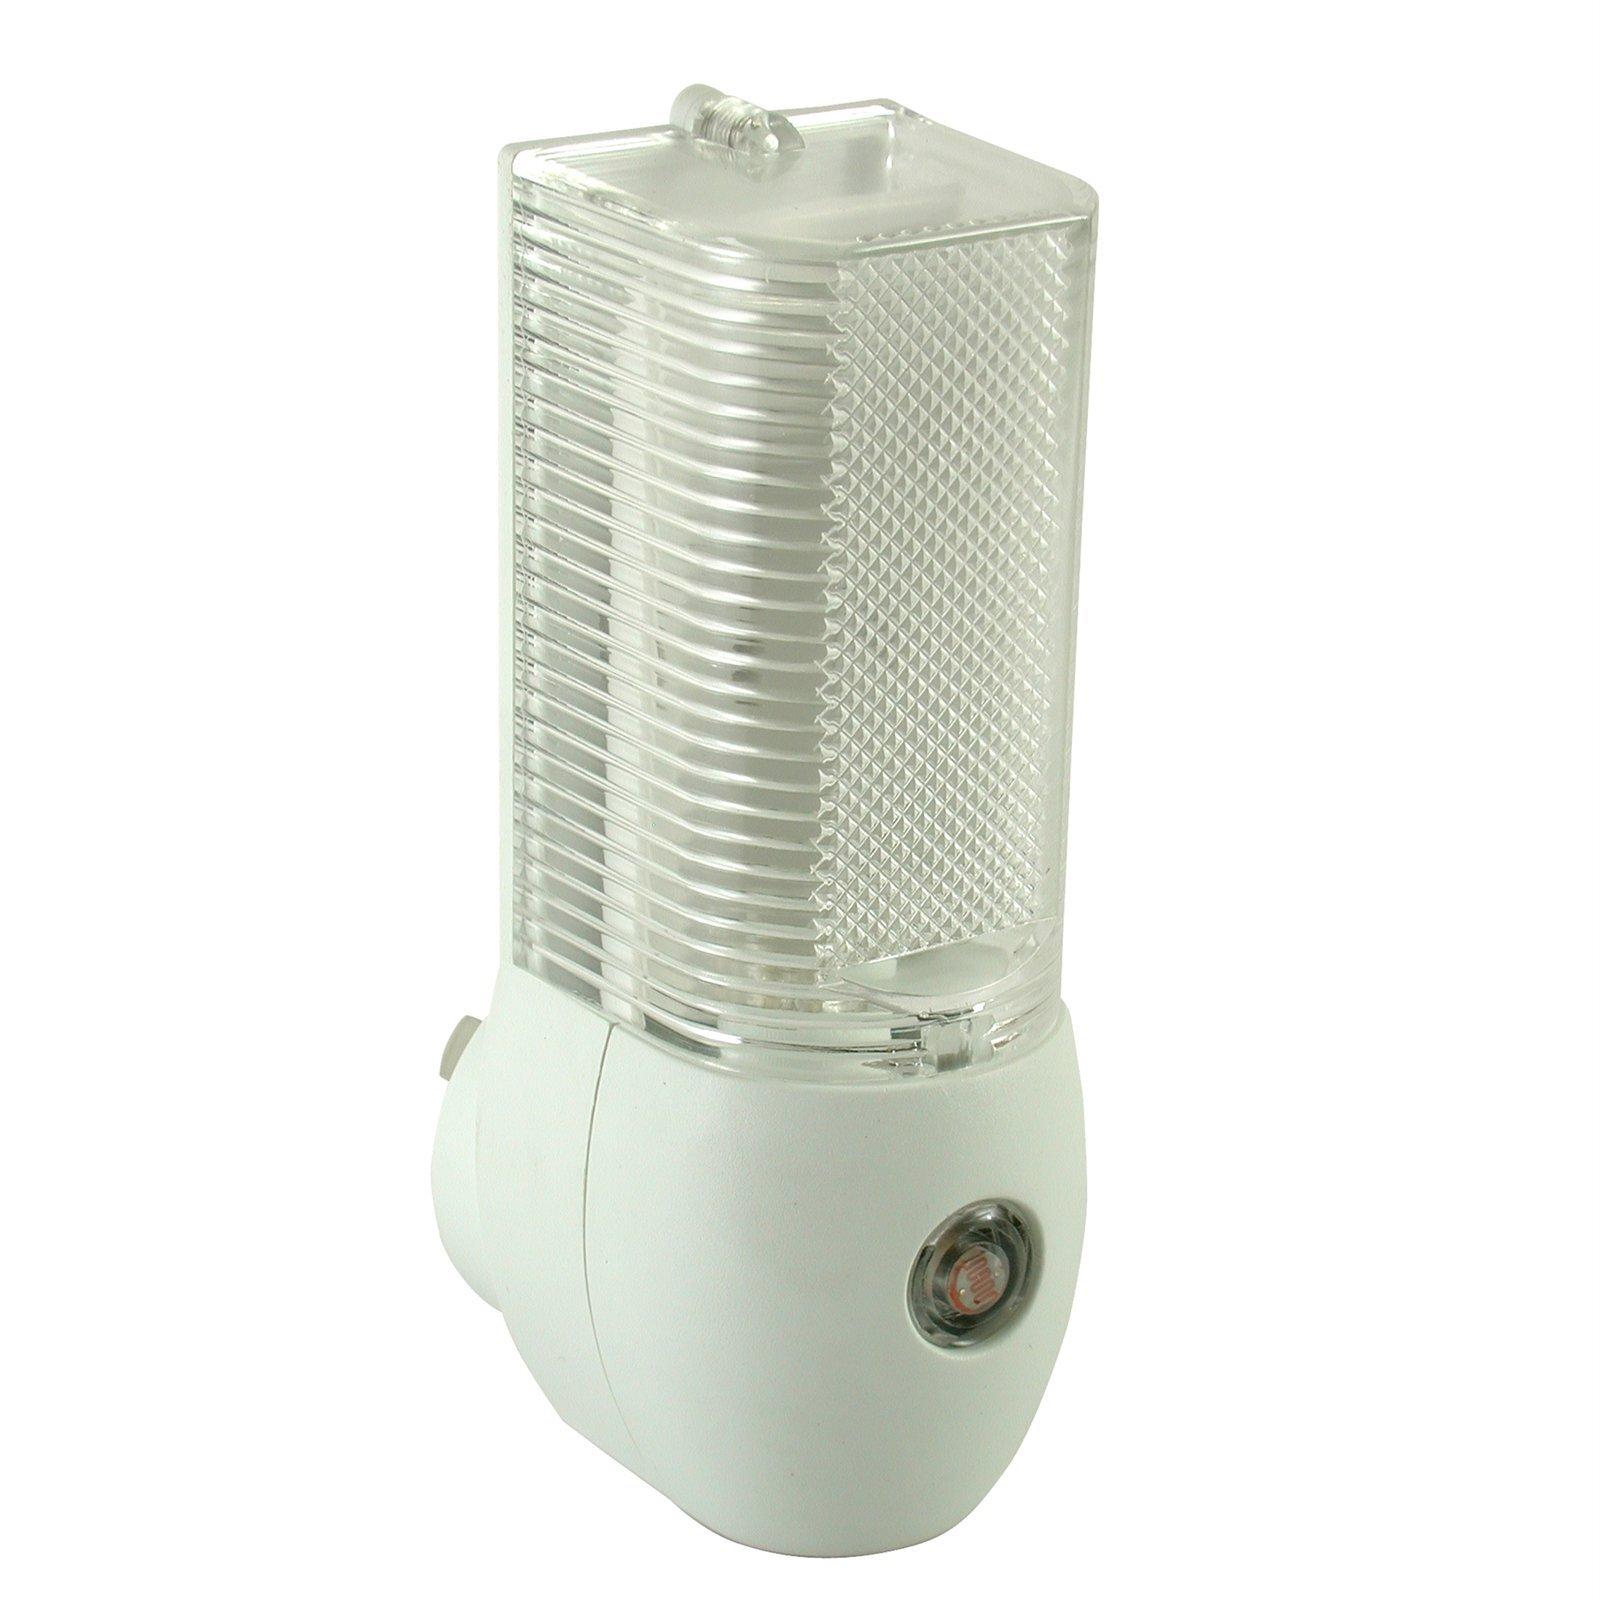 Arlec 240V White LED Night Light